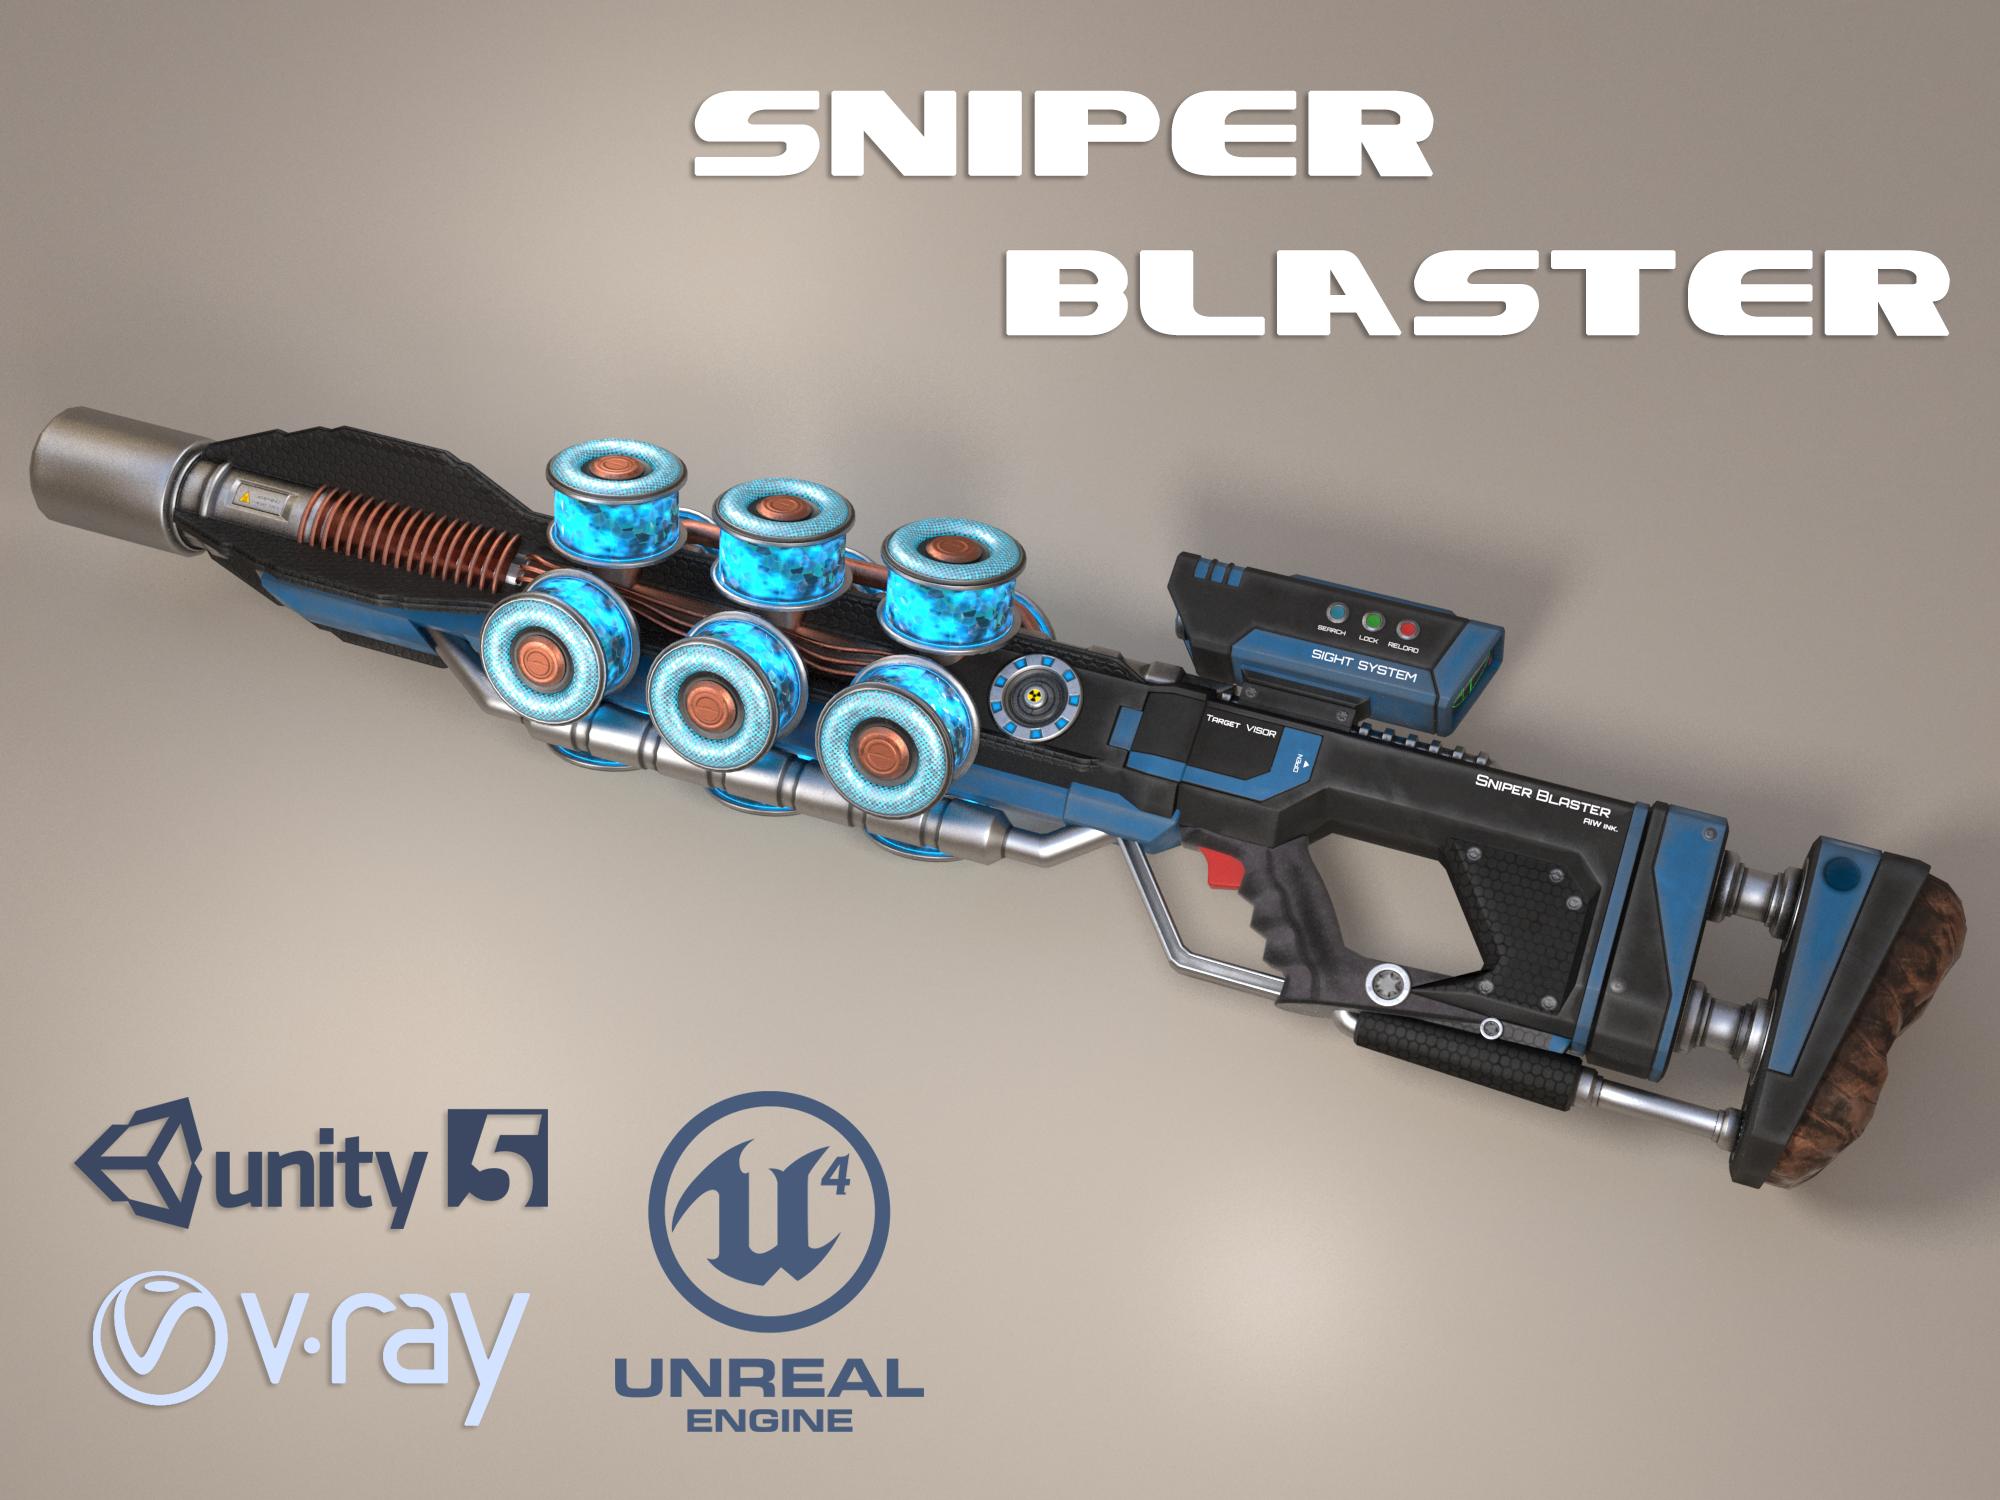 Sniper Blaster